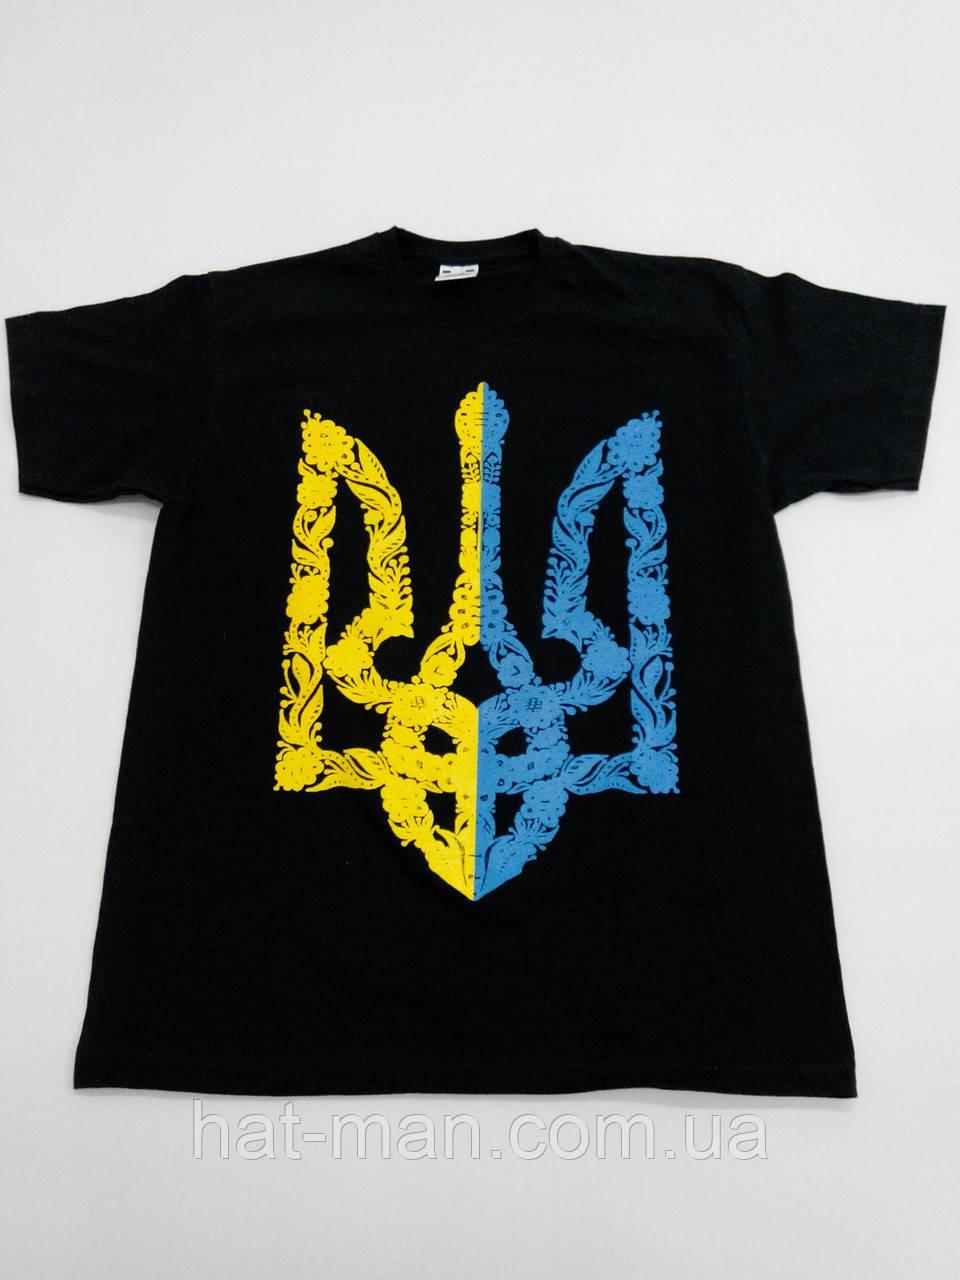 Футболка з жовто-синім гербом України